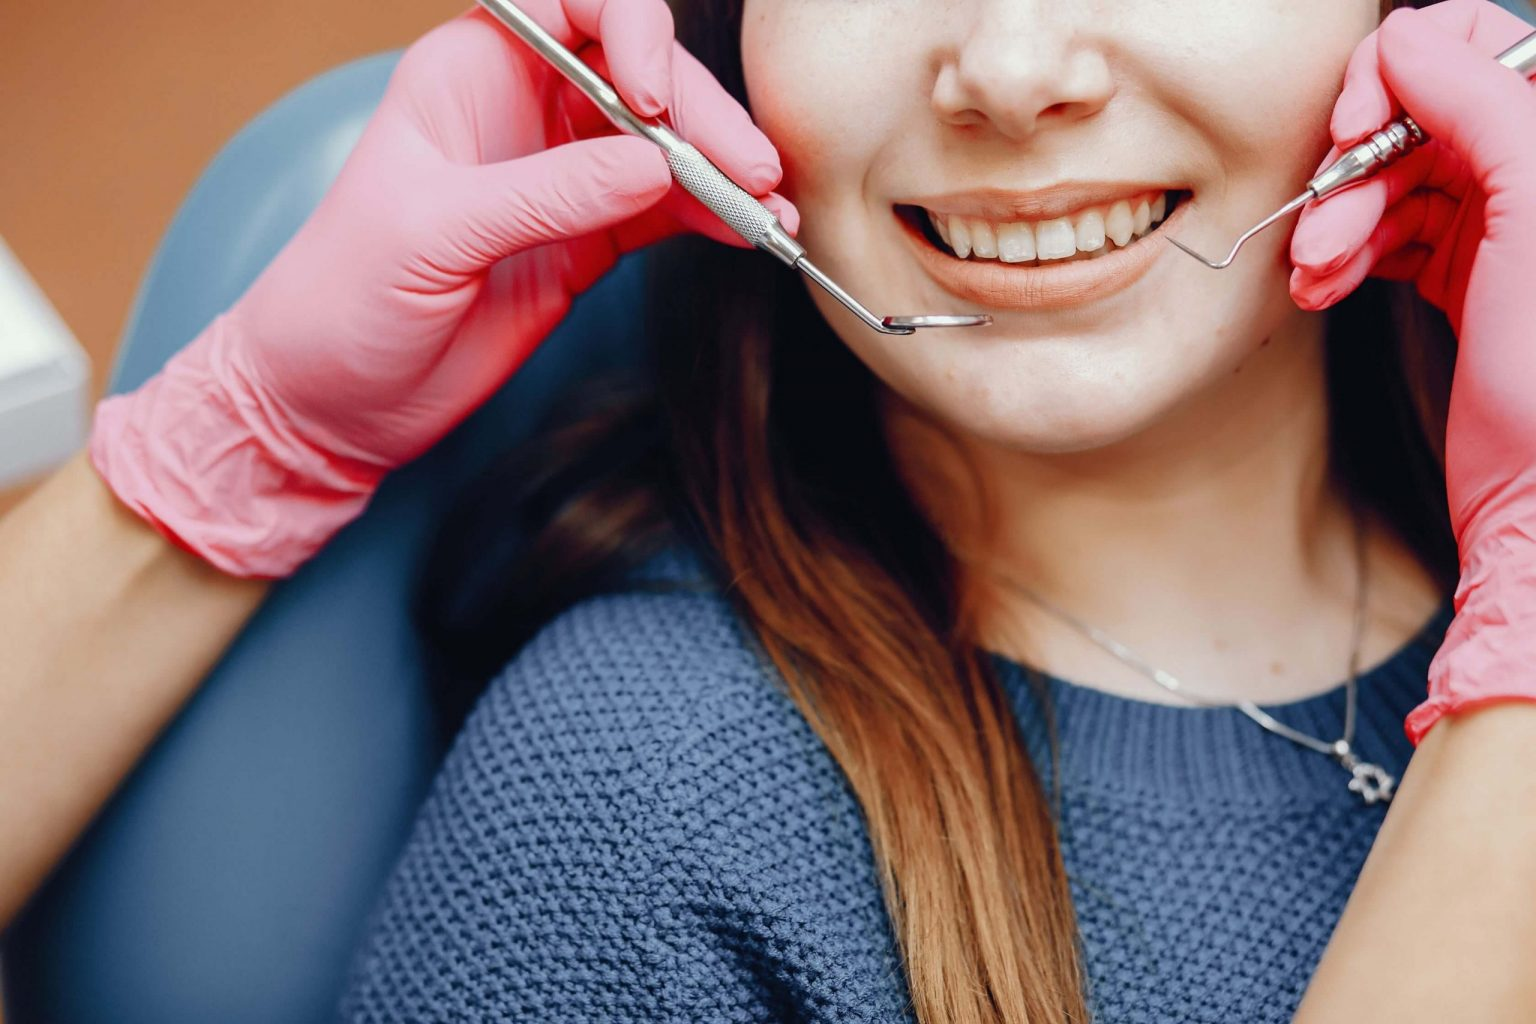 Teenage Dentistry At Alpenglow Dental In Bend, Oregon